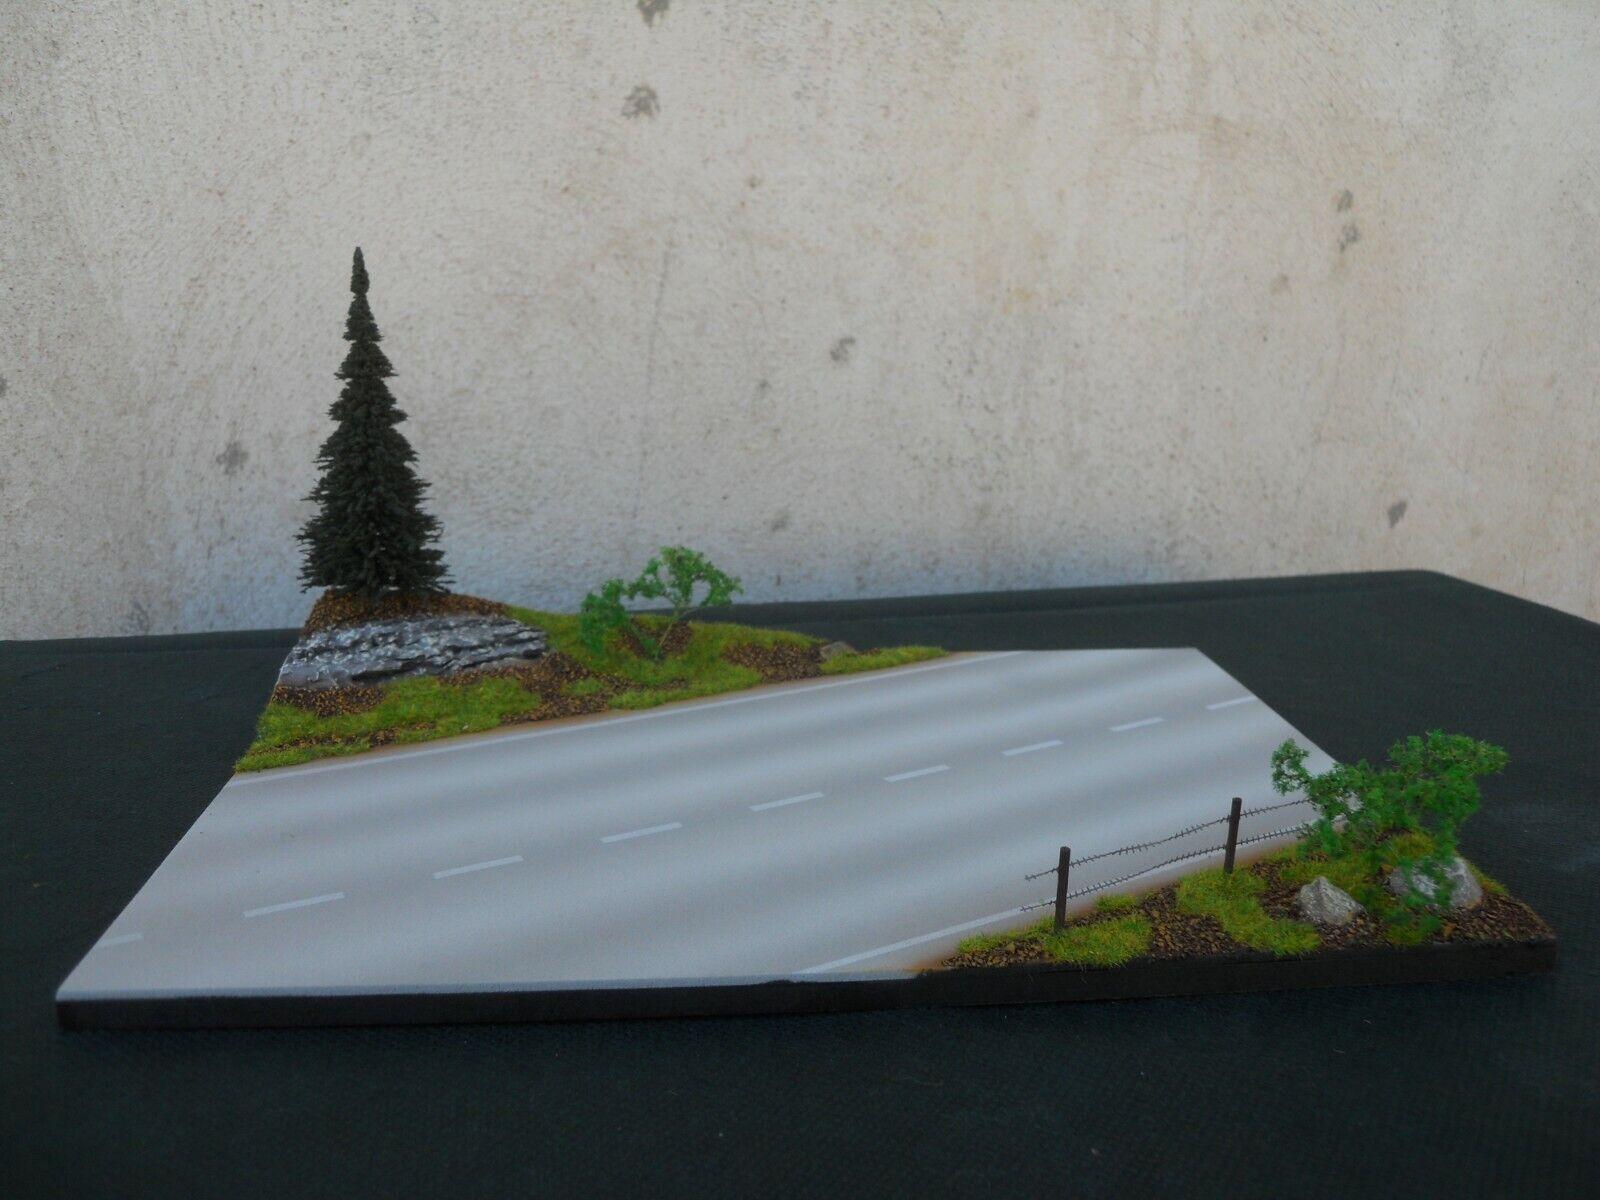 DIORAMA VEHICULES 1 43 ROUTE DE CAMPAGNE  DIMENSIONS 29 cm X 19 cm